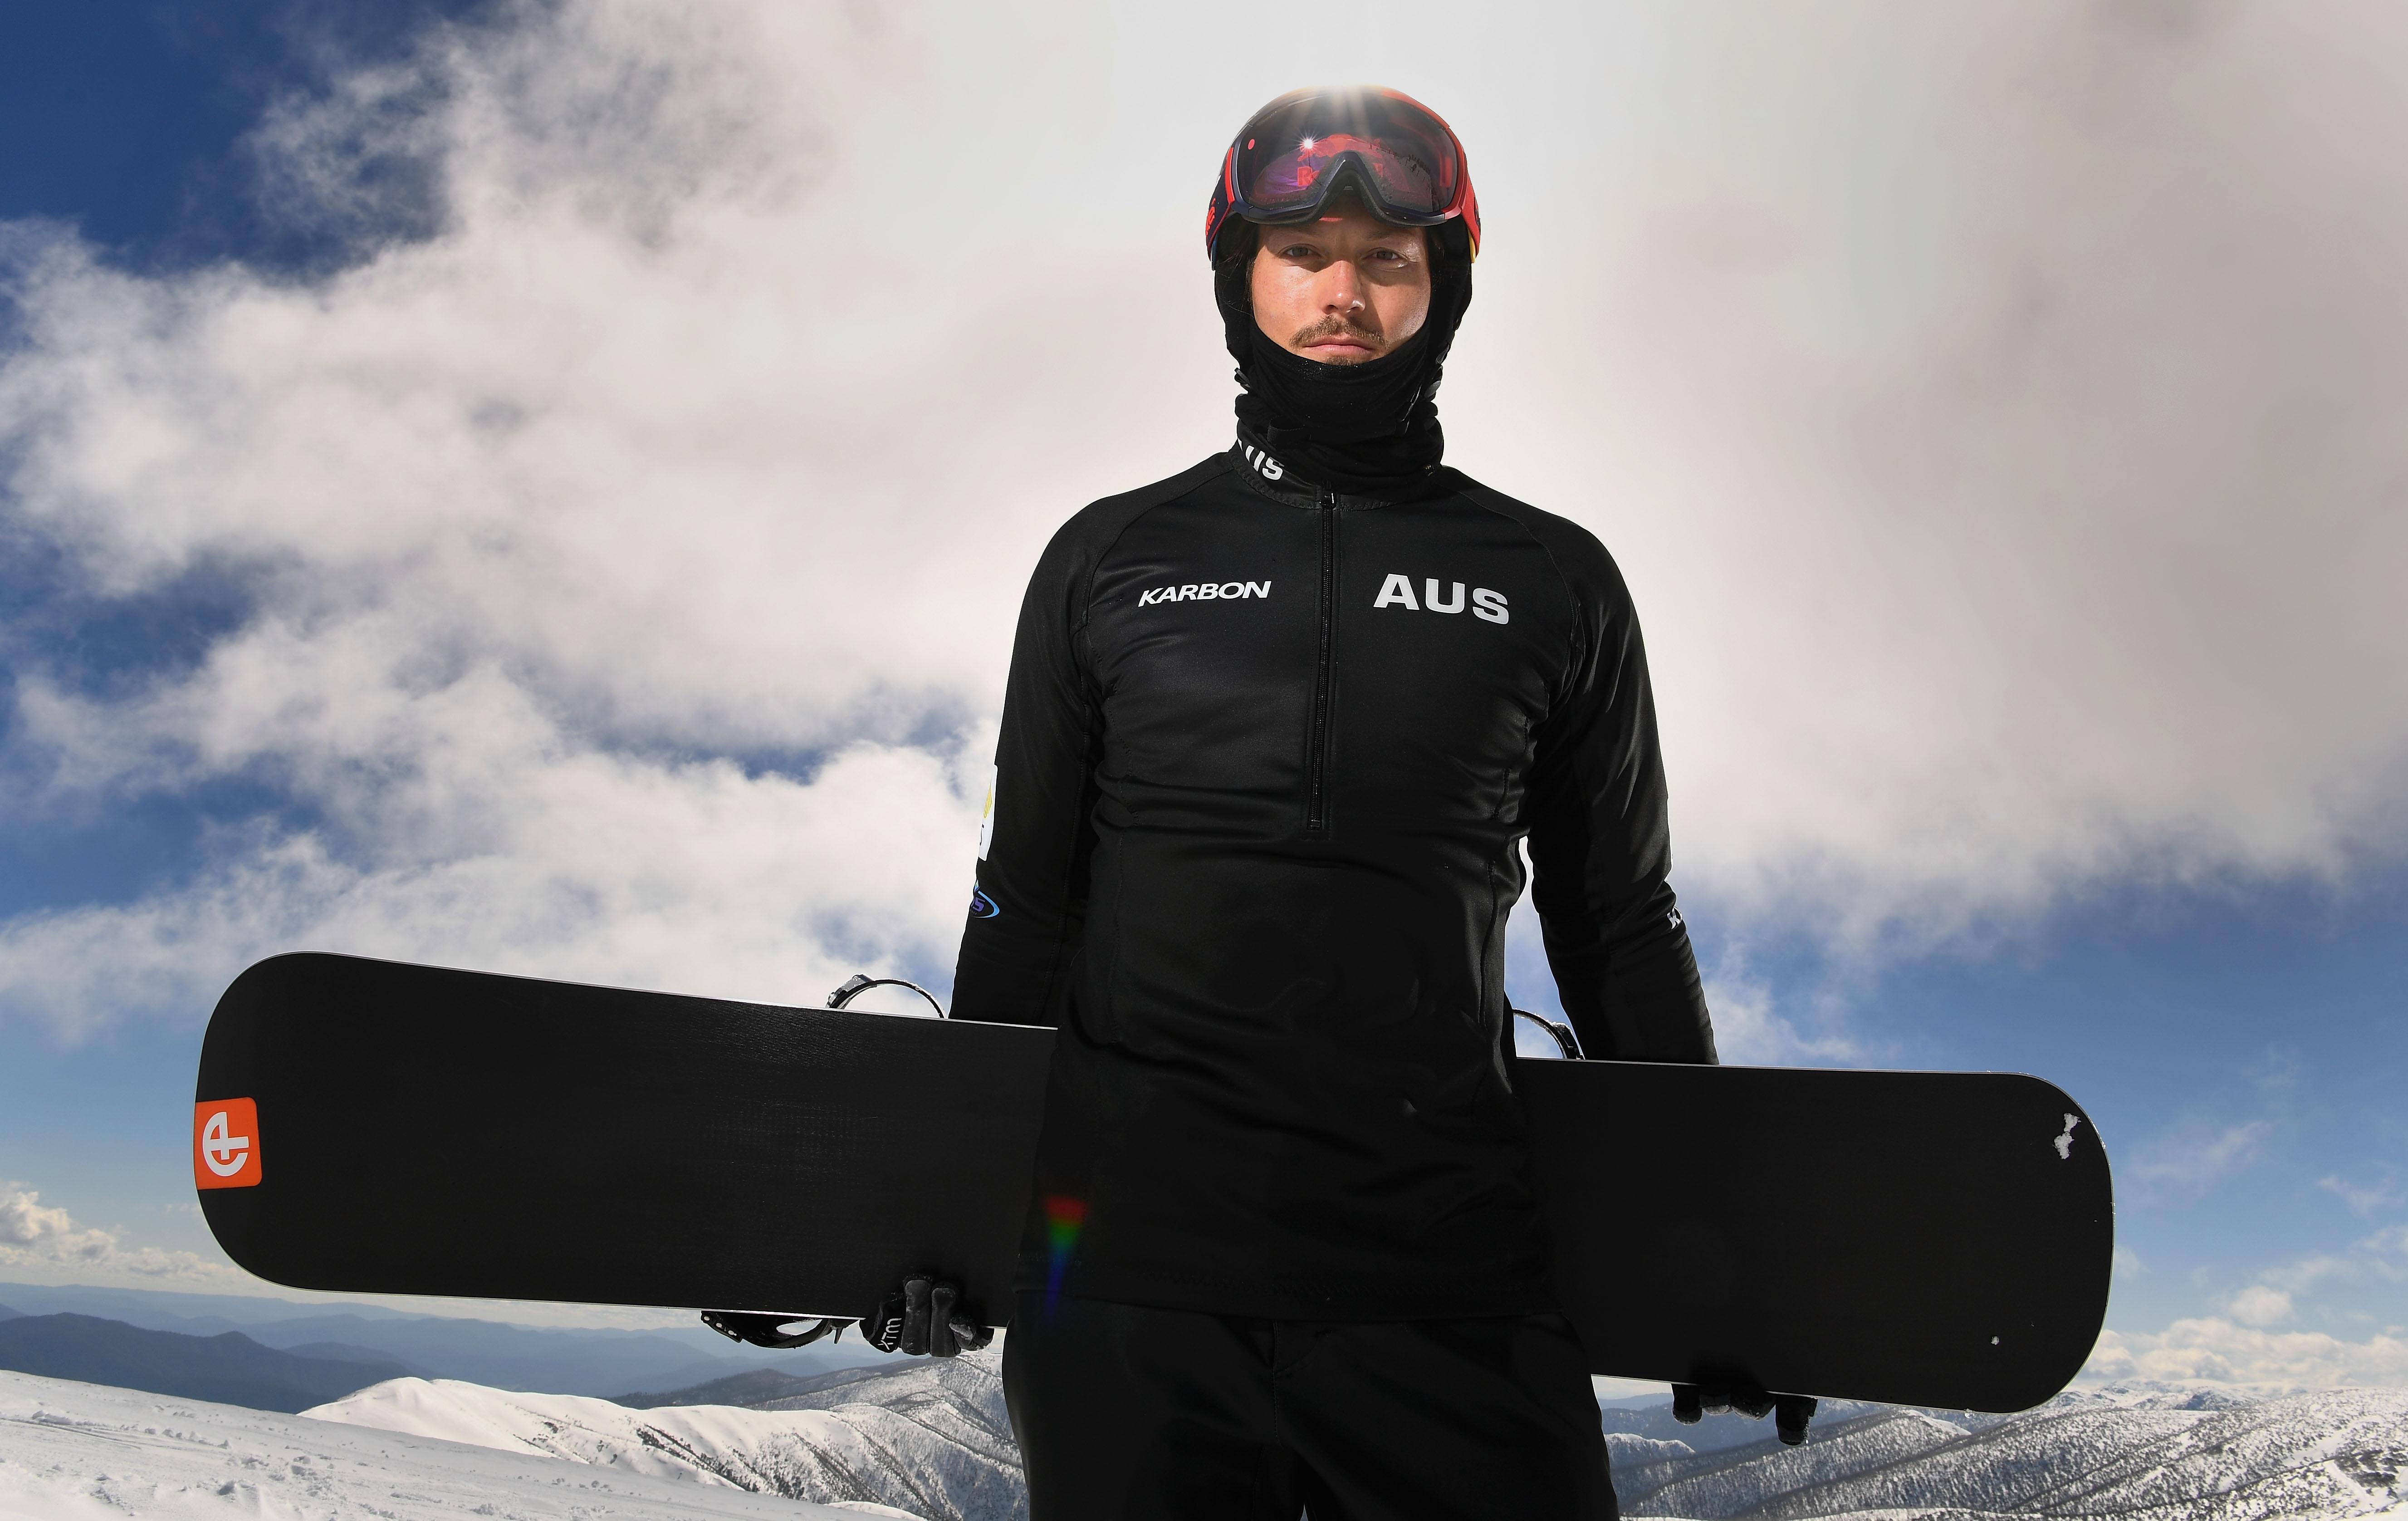 Alex Pullin, Olympic snowboarder